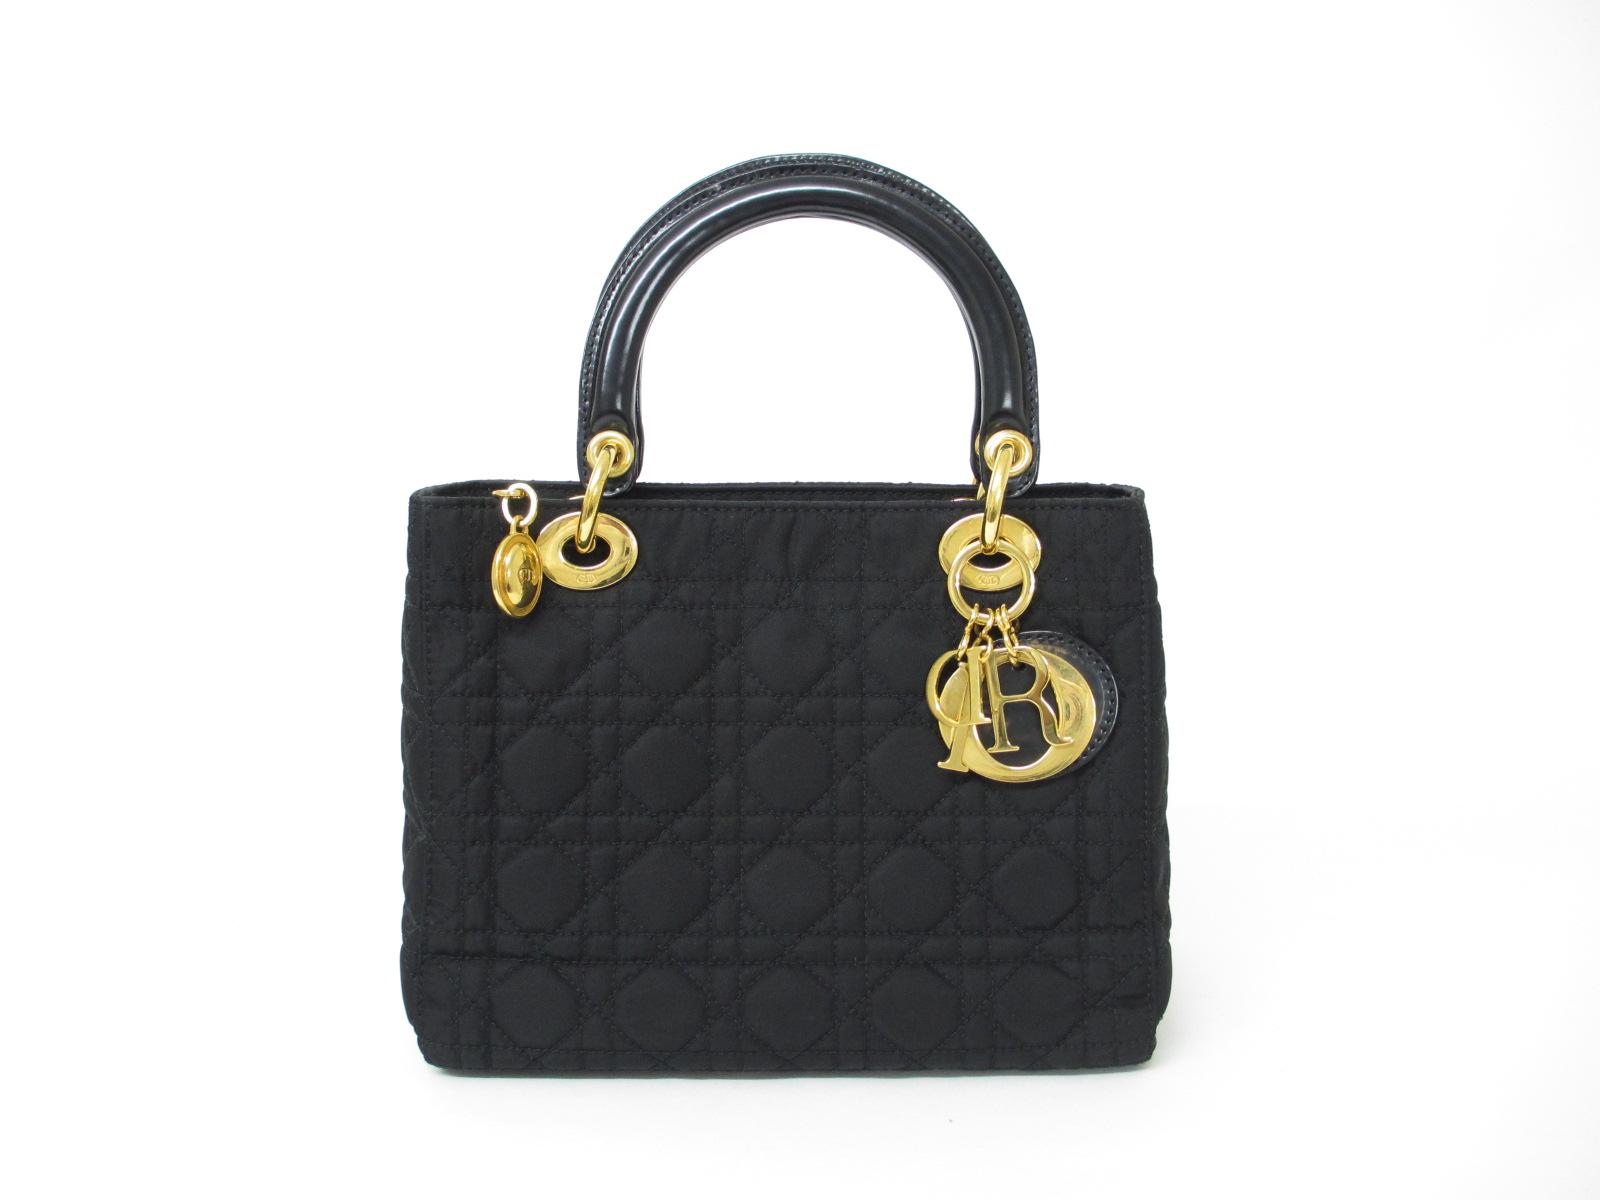 Dior レディディオール ハンドバッグ ナイロン ブラック